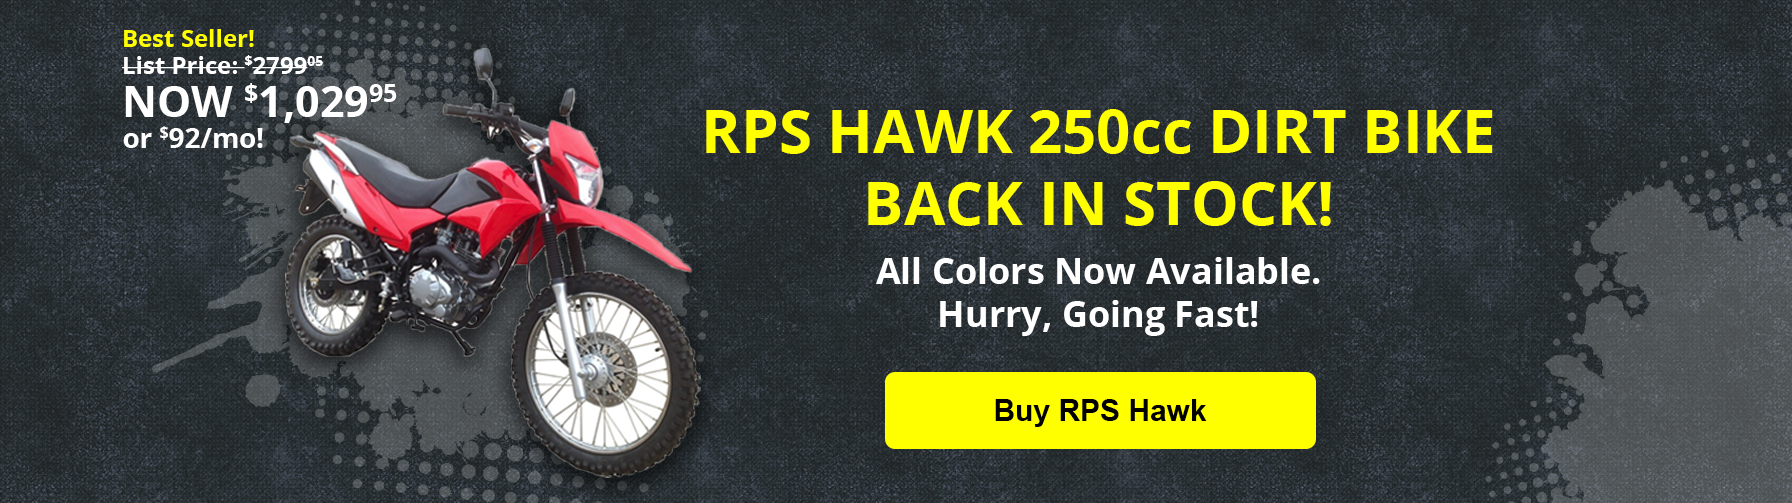 RPS Hawk Dirt Bike Back in Stock